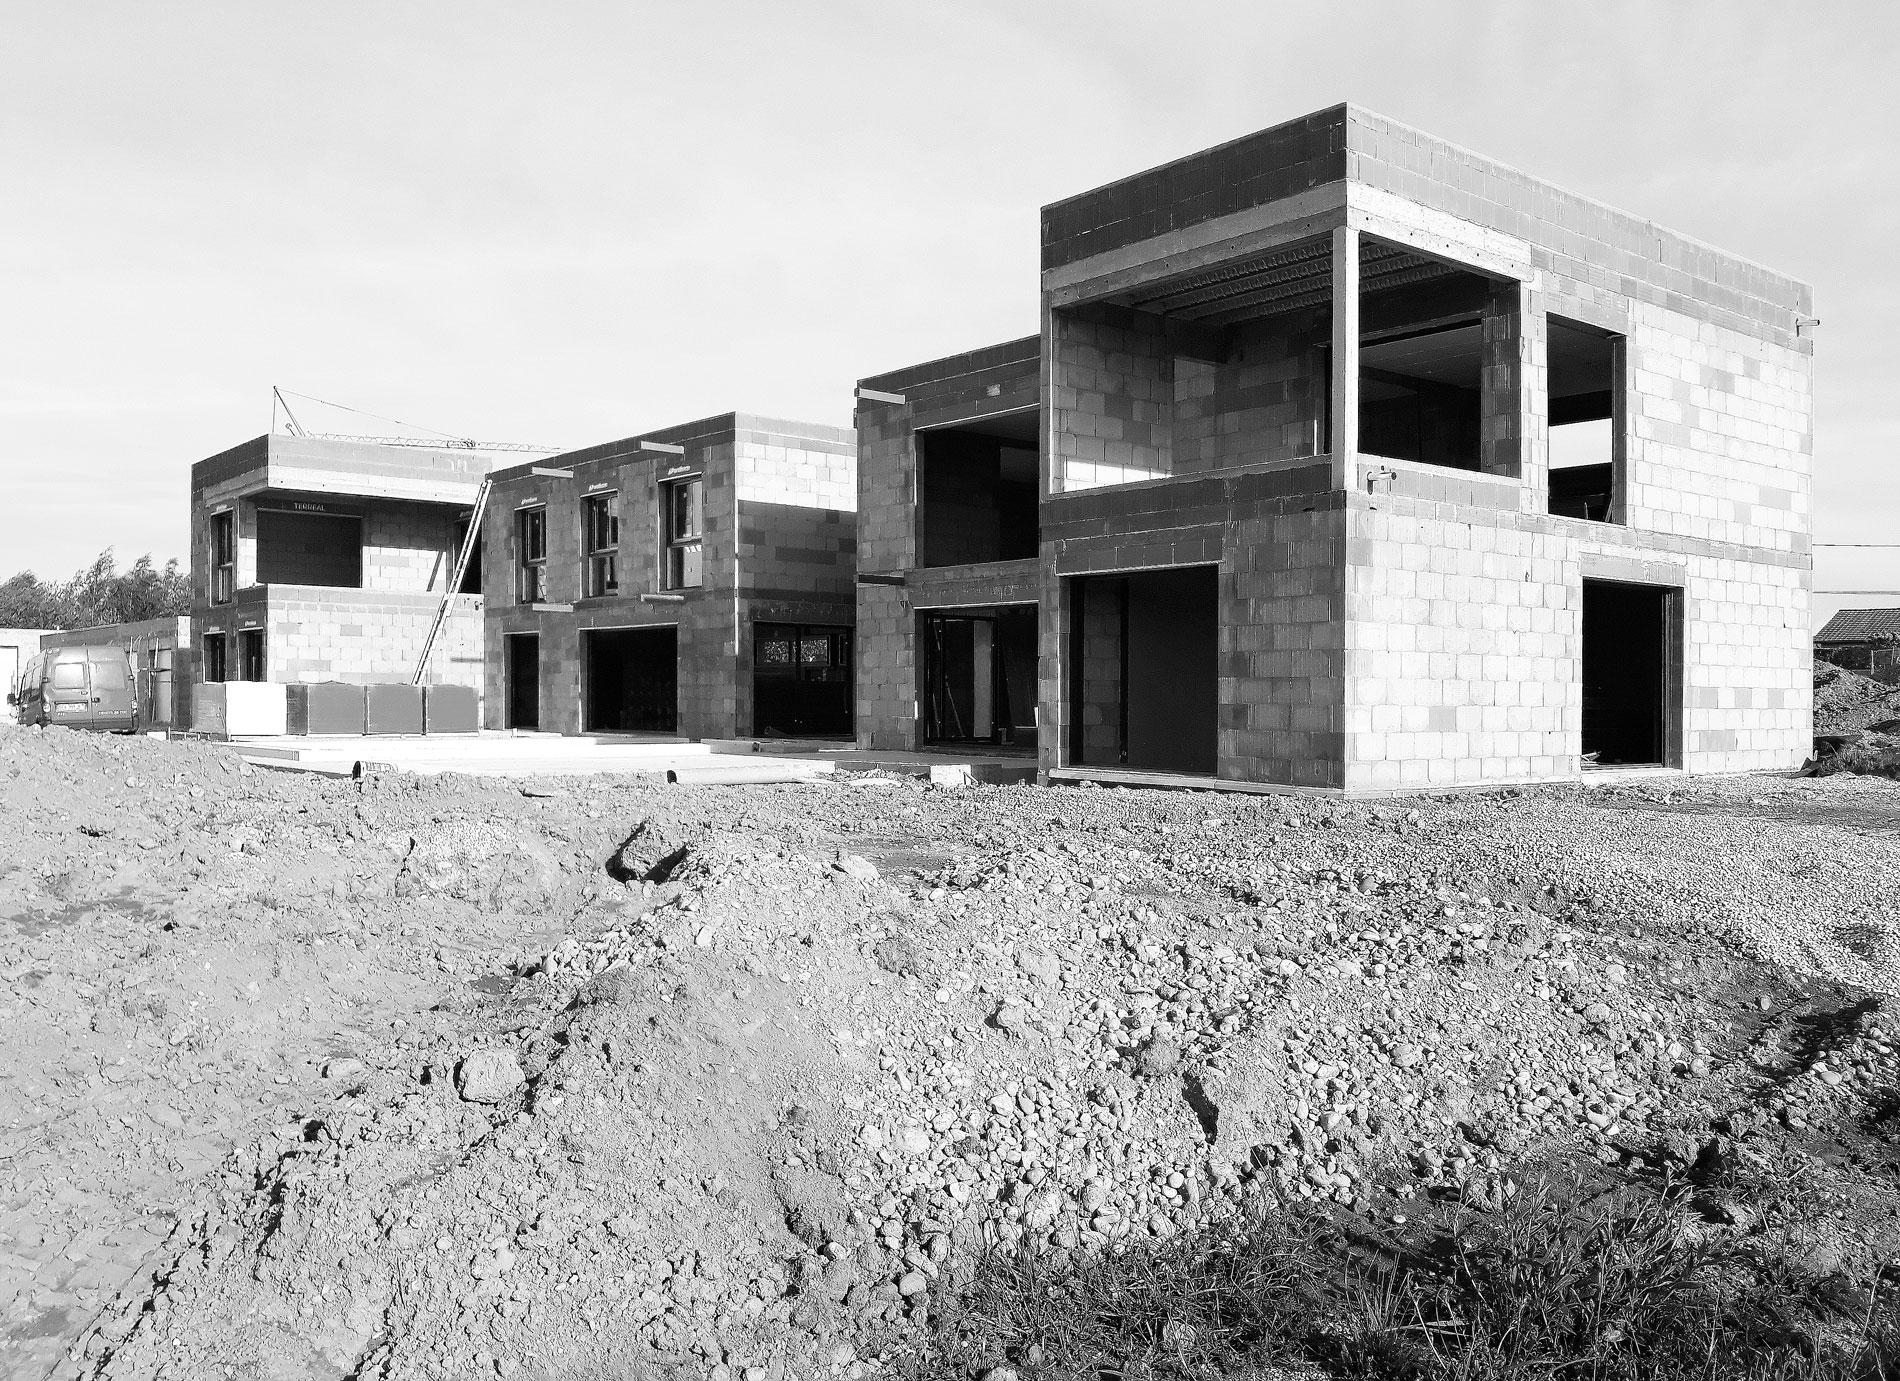 maison-contemporaine-toiture-terrasse-bois-metal-brique-piscine-spa-chantier-1